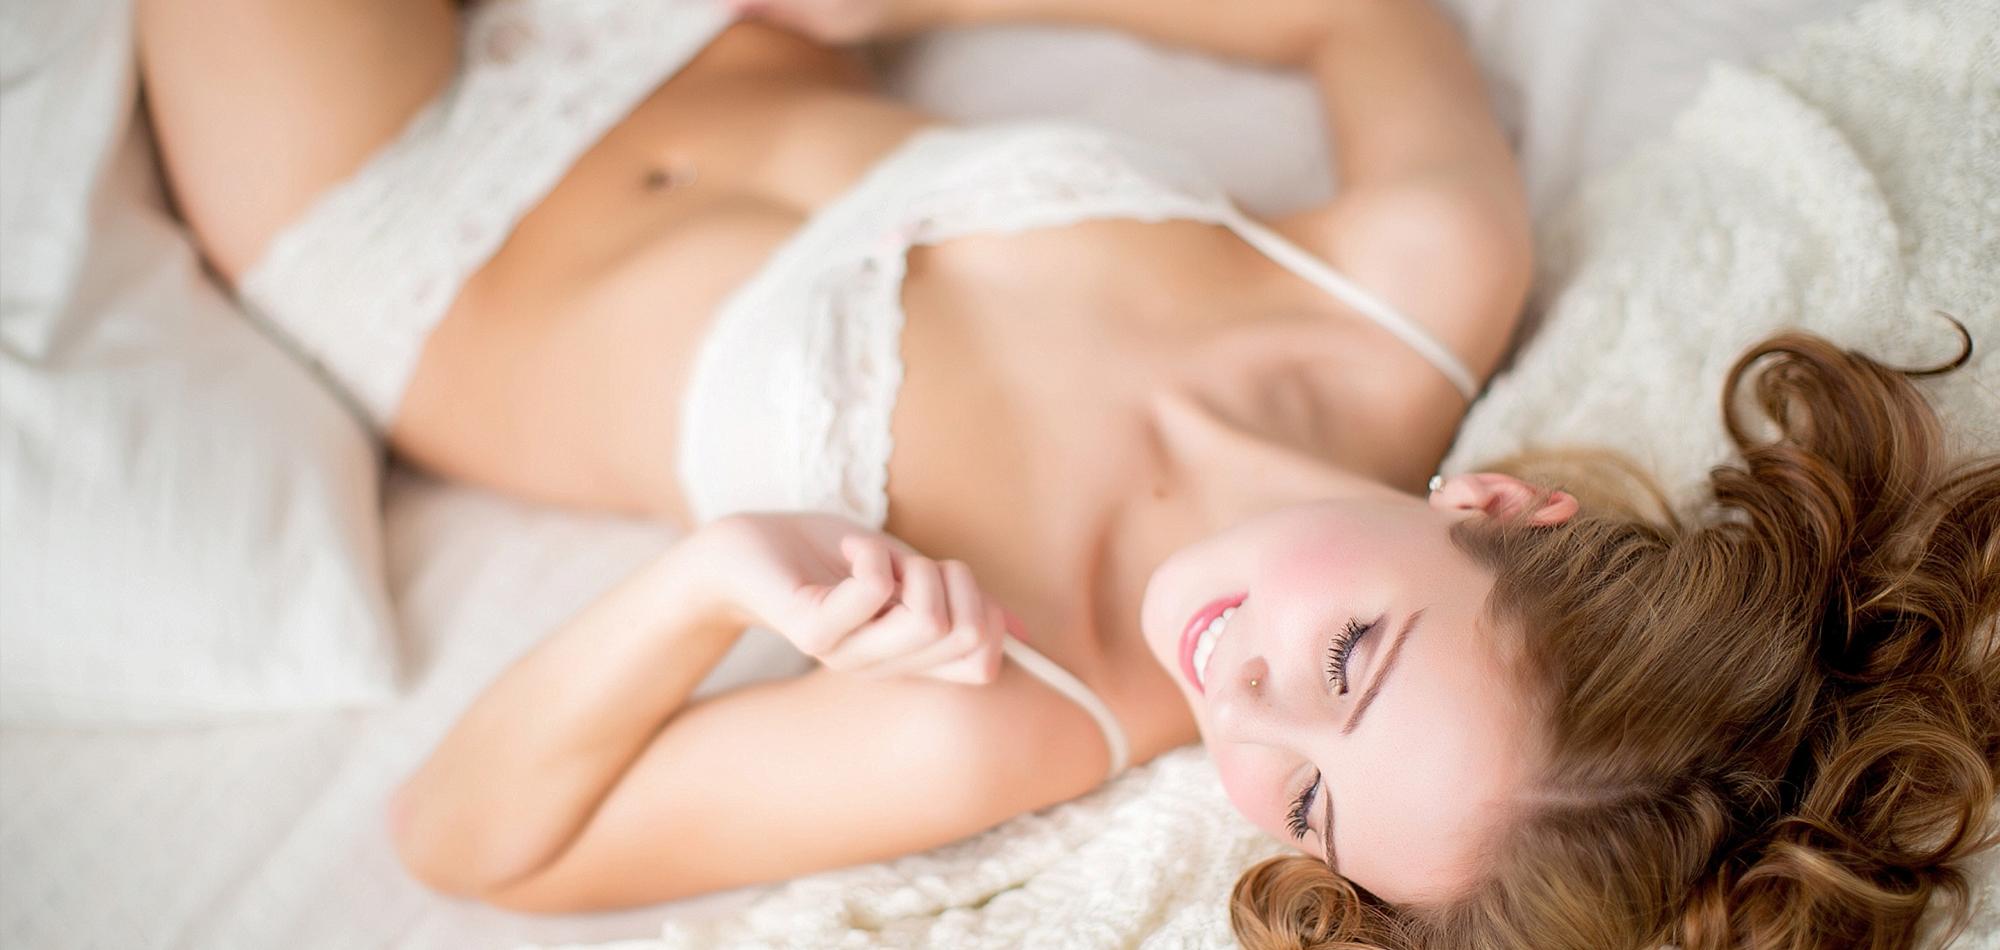 Brio-Art-boudoir-photography-022.jpg